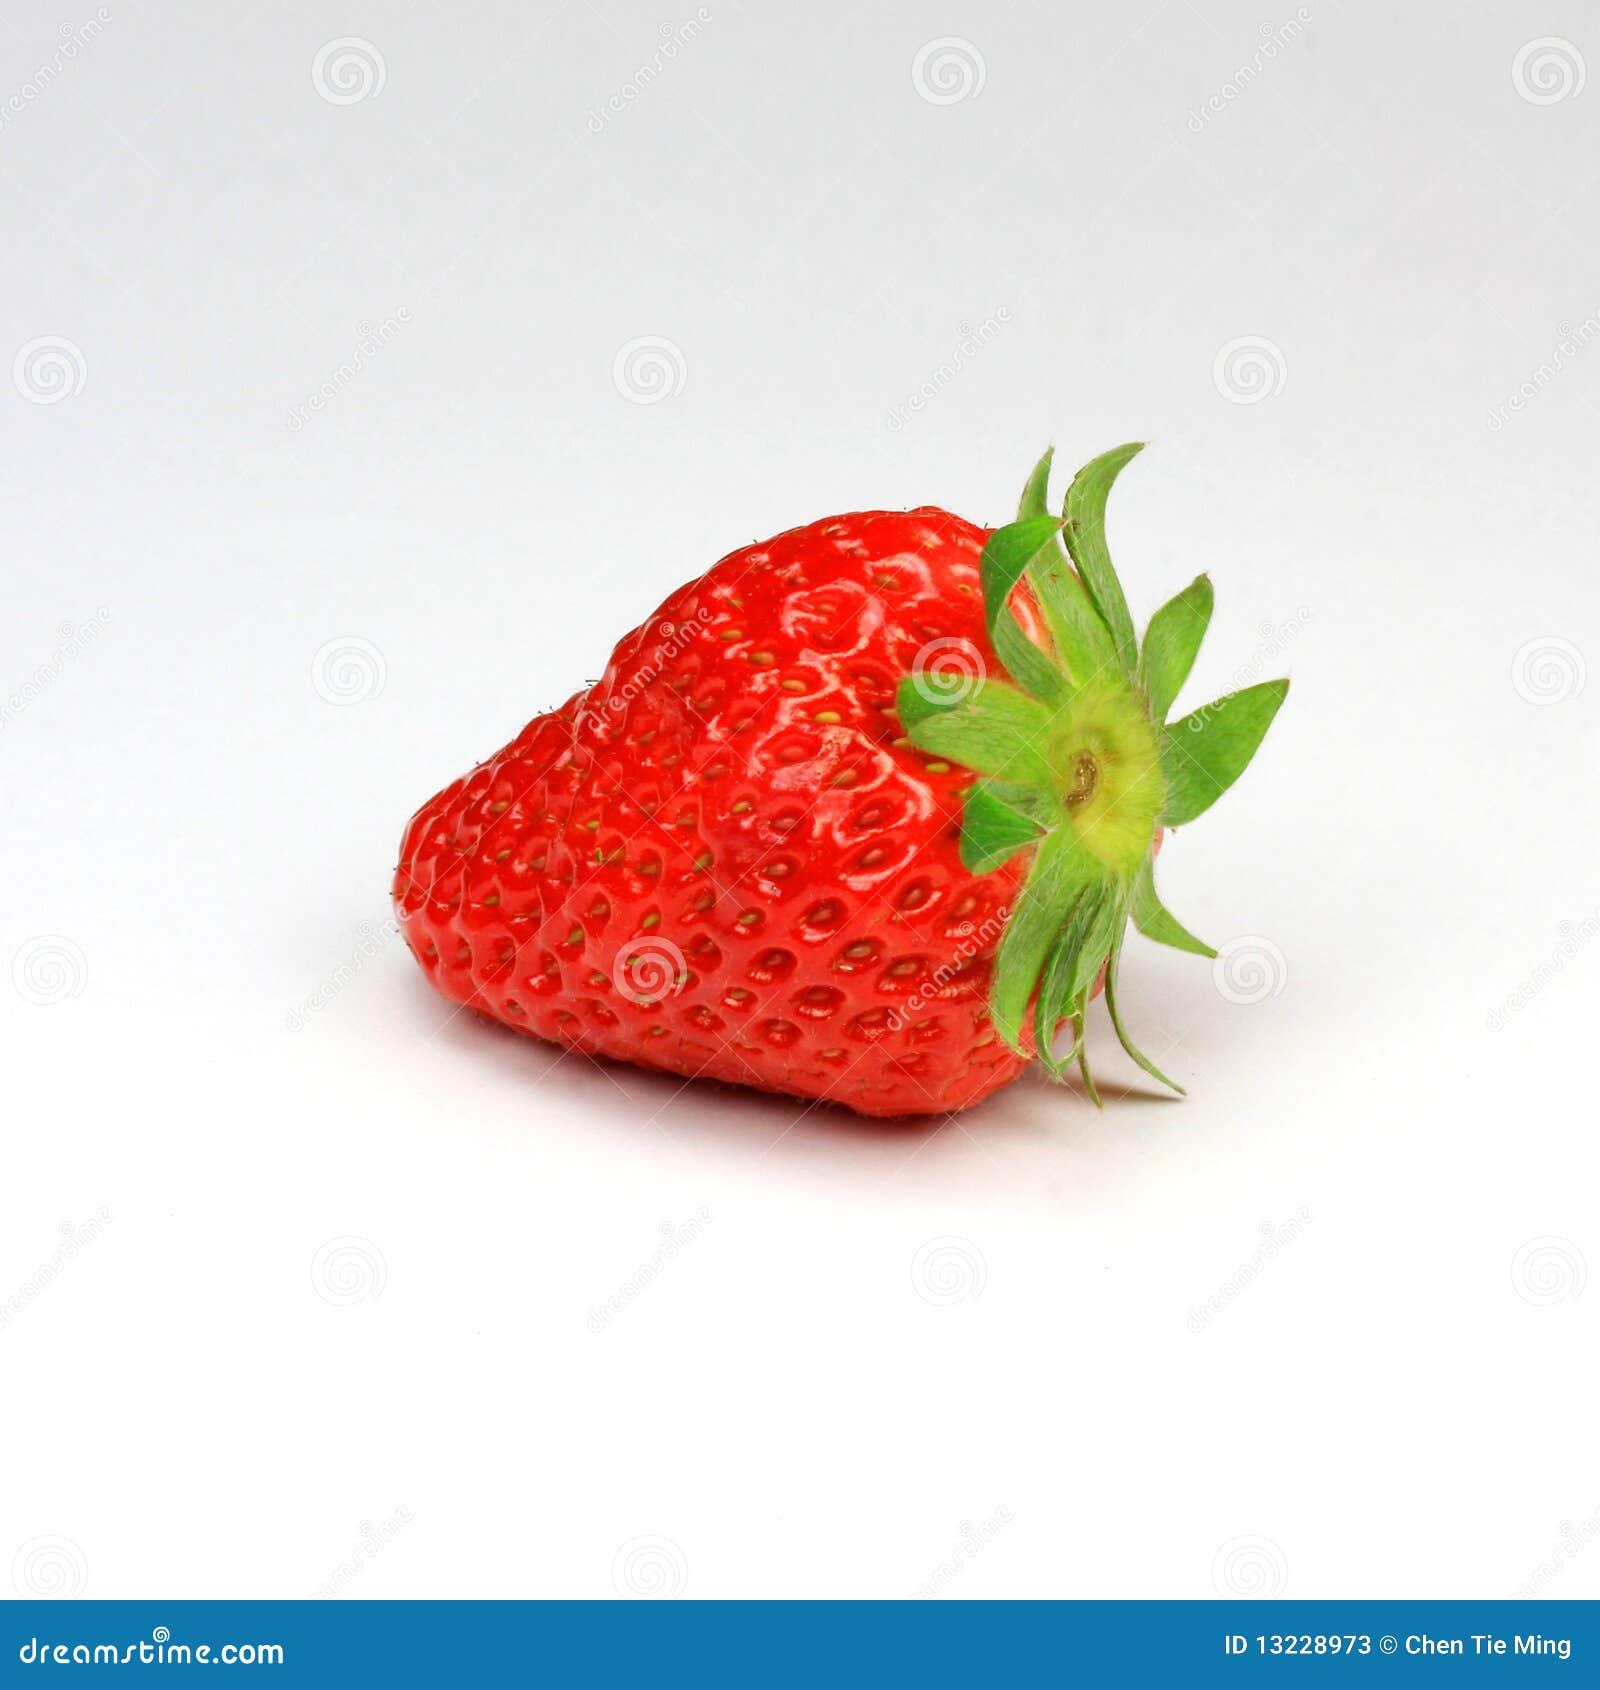 Que vitaminas y proteinas tiene la fresa